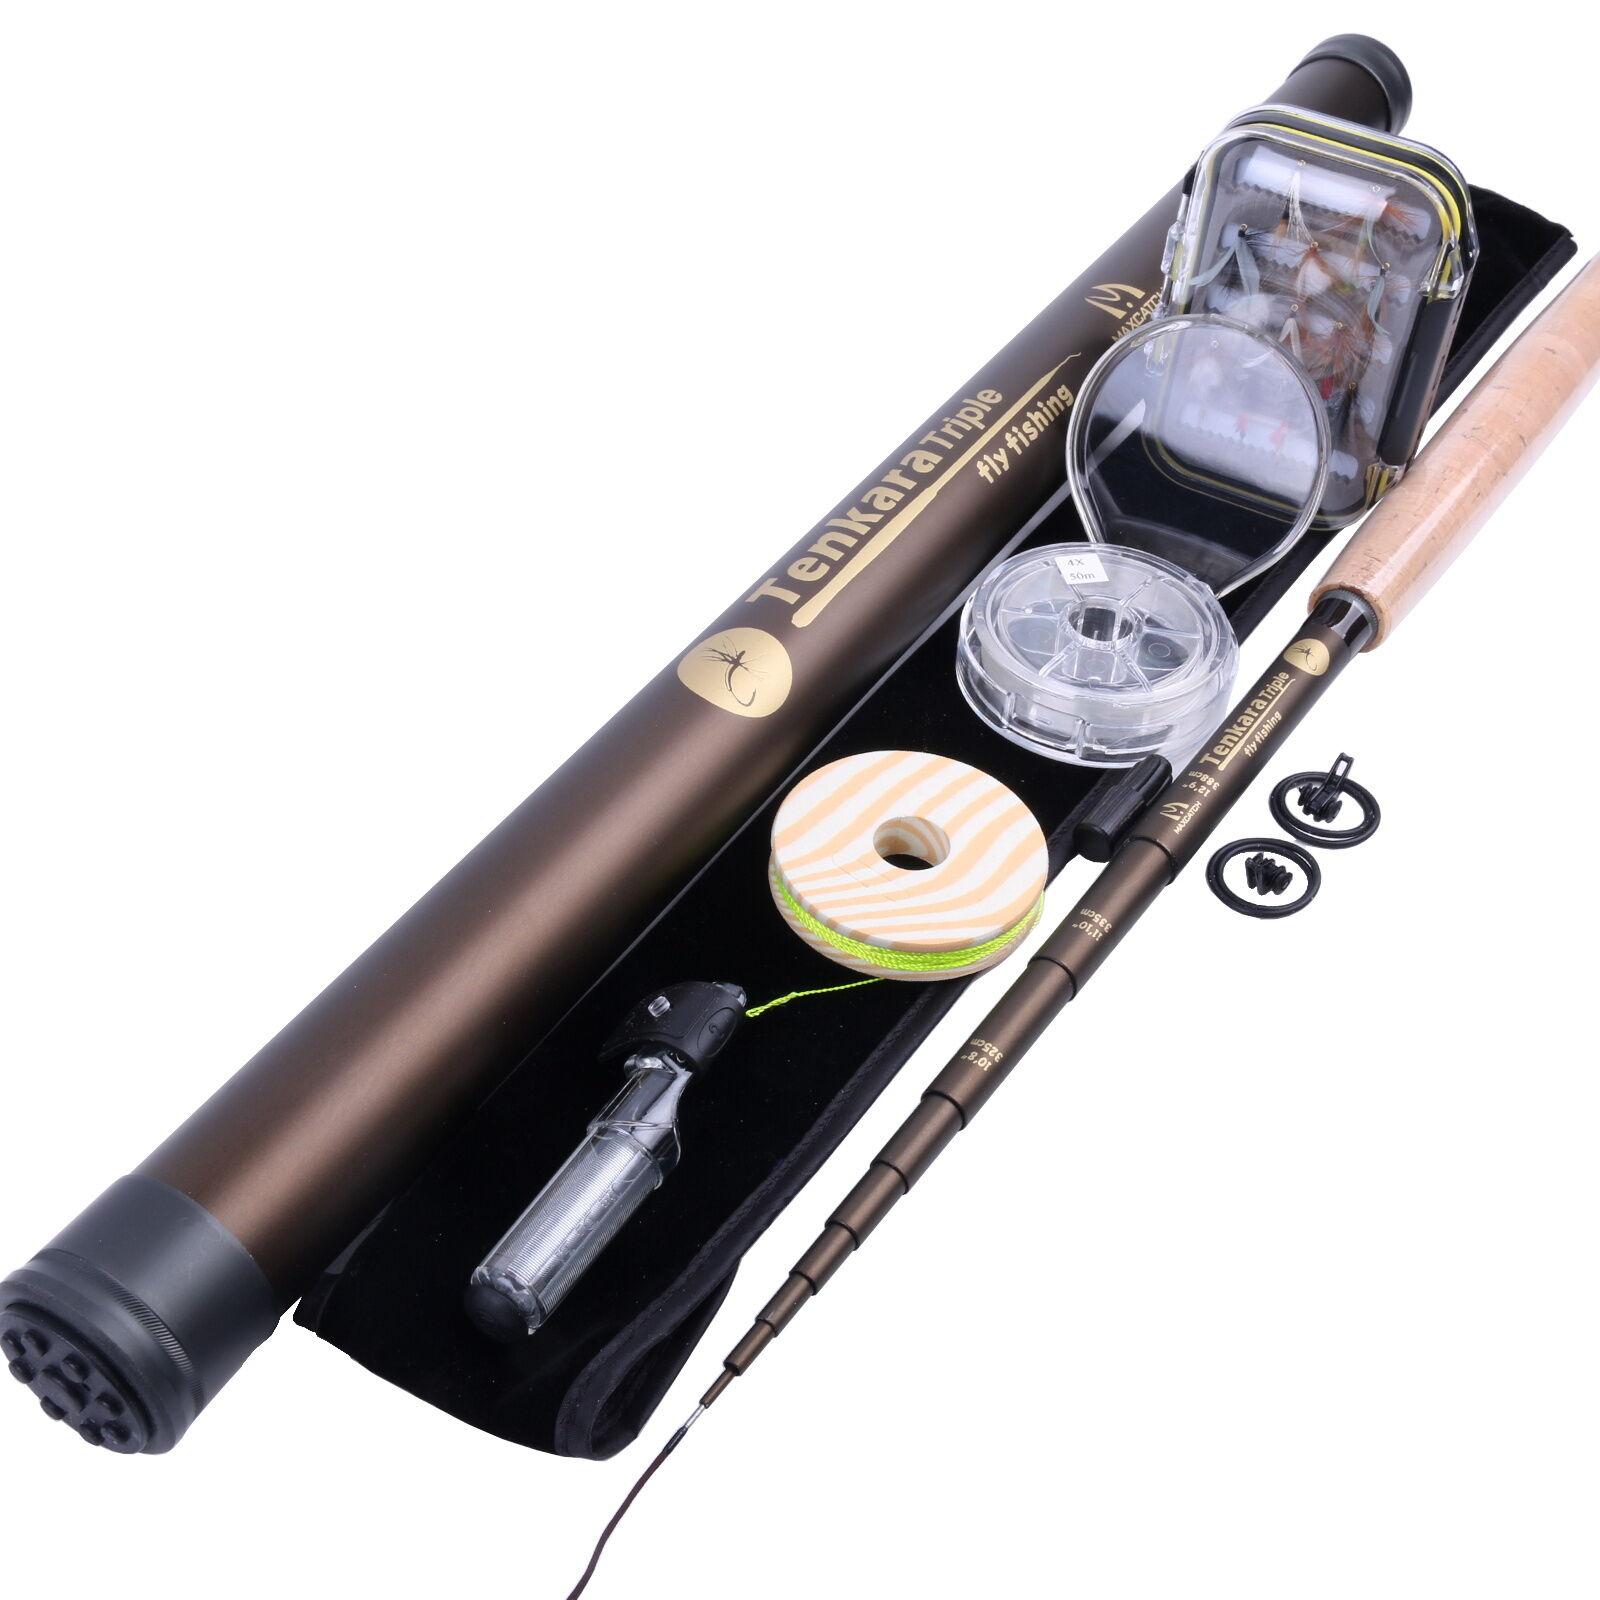 Tenkara  Telescópico Rod Combo 10' 8  11' 1  12' 9  poste de pesca con mosca & línea & Moscas  preferente